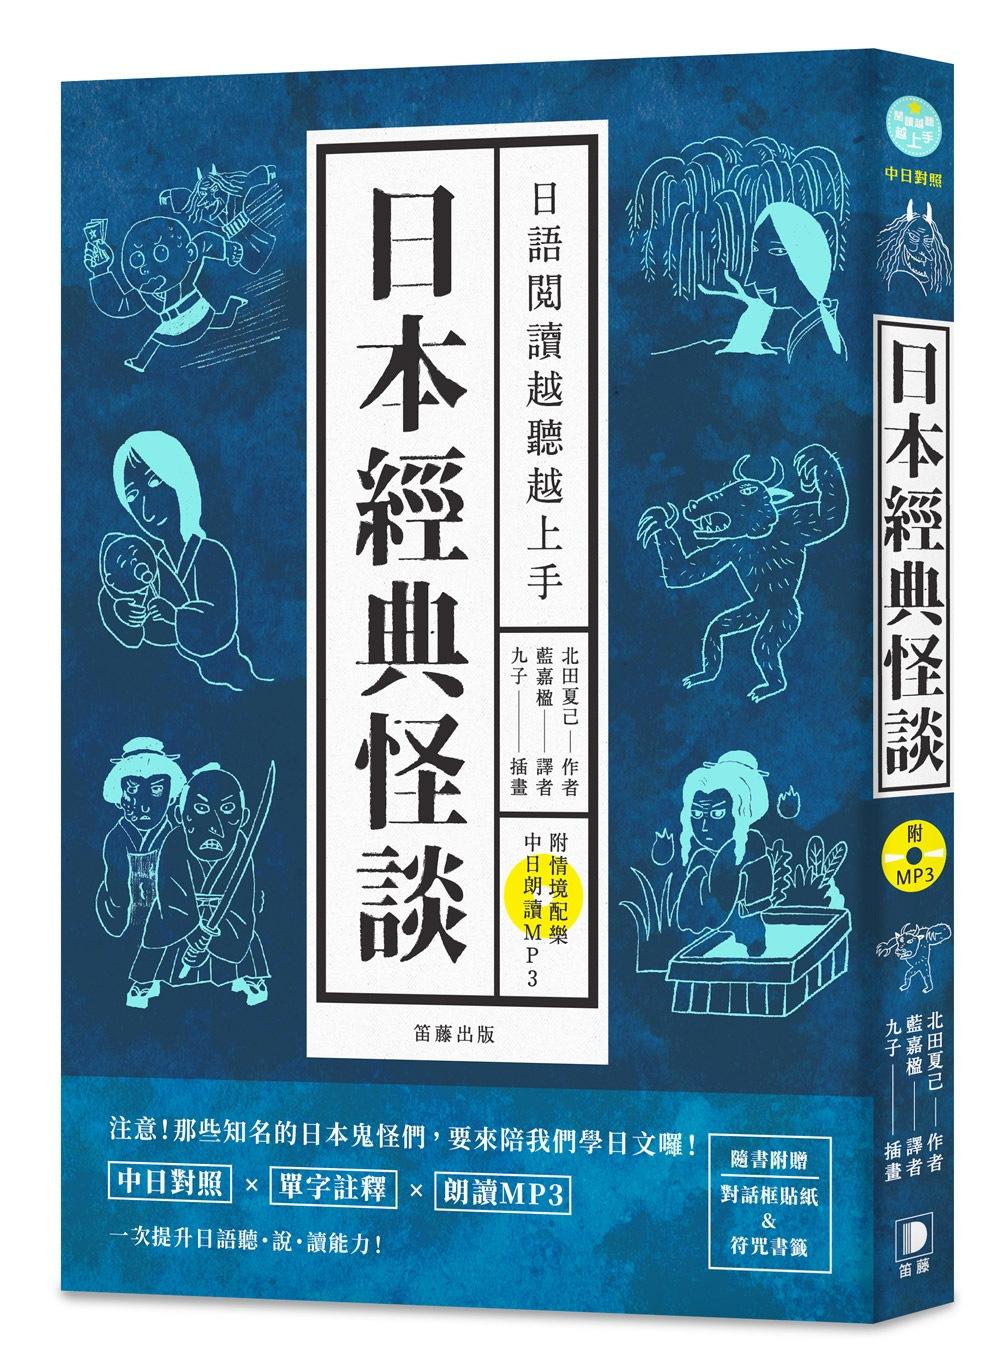 日語閱讀越聽越上手 日本經典怪談